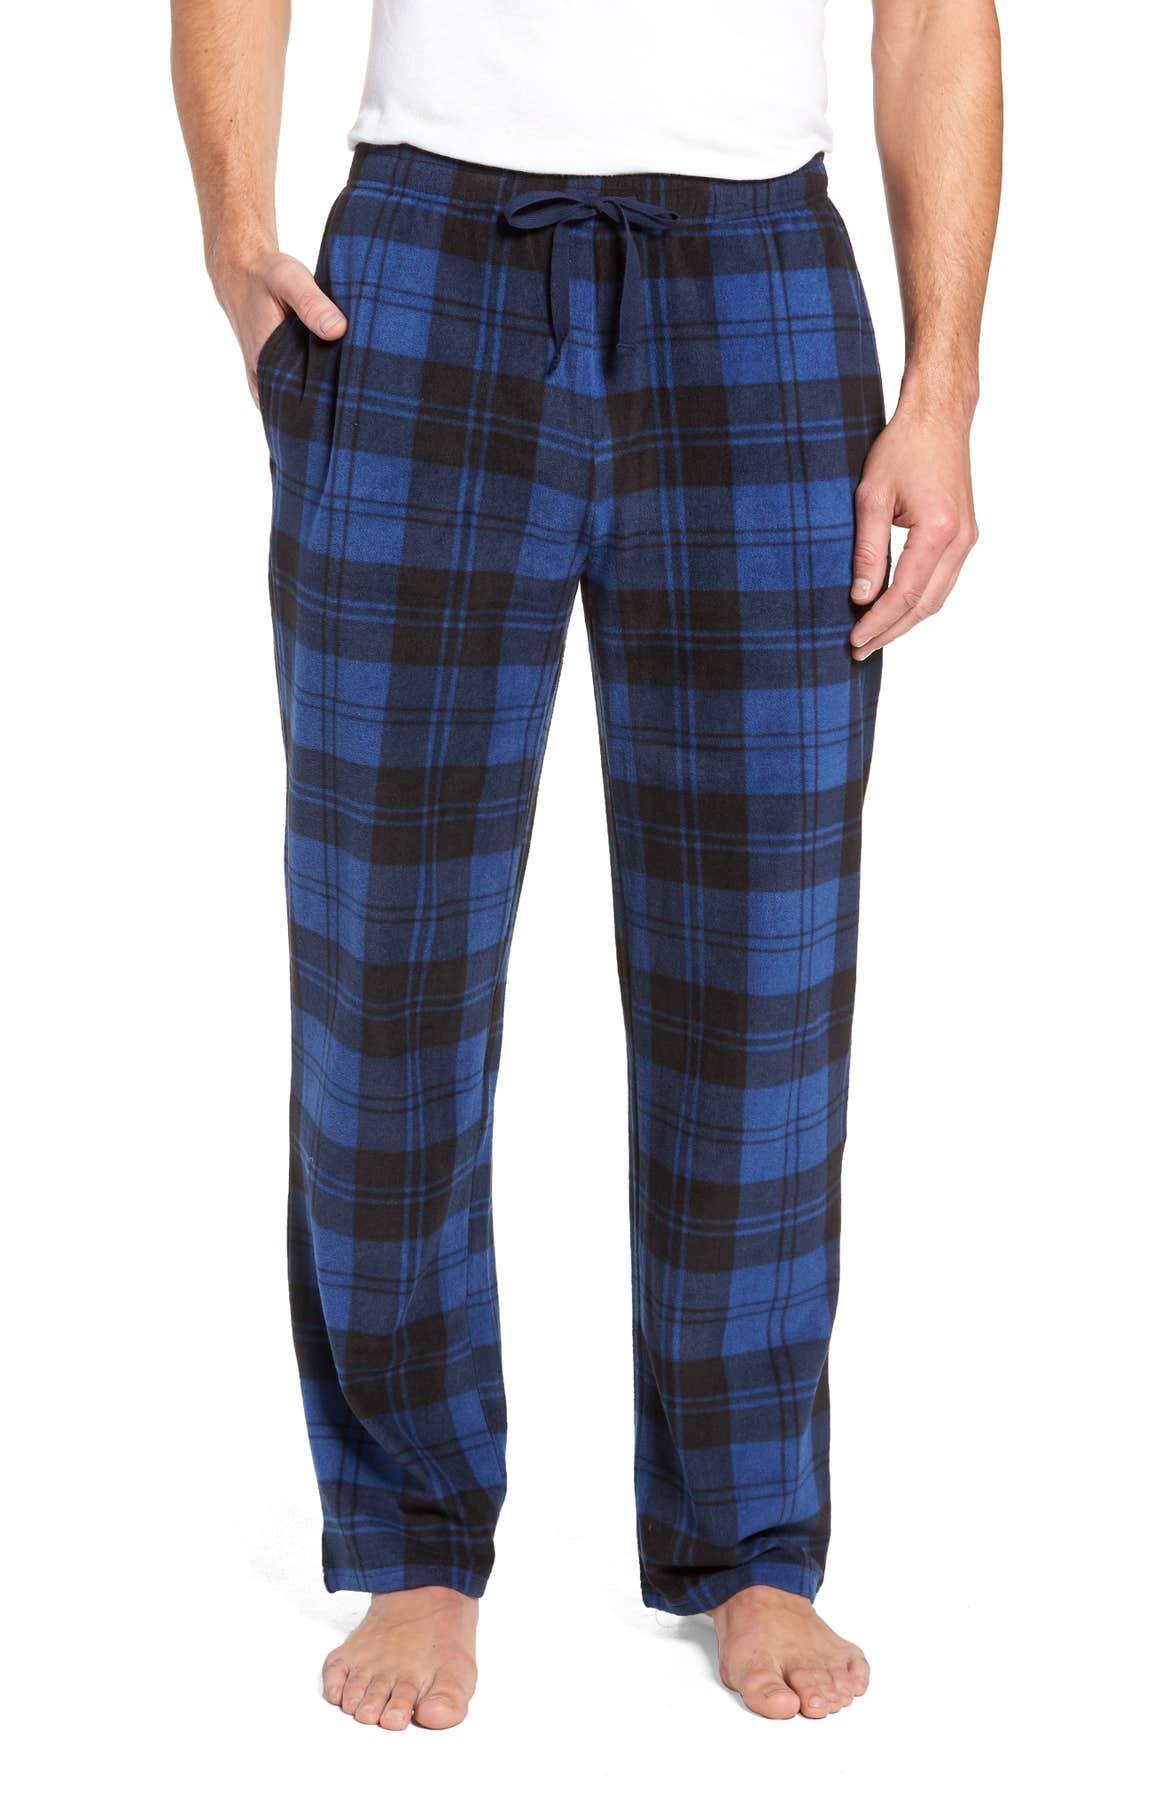 Family Christmas Pajamas - www.momwithcookies.com #familyChristmaspajamas #pajamas #Christmas #family #gifts #holiday